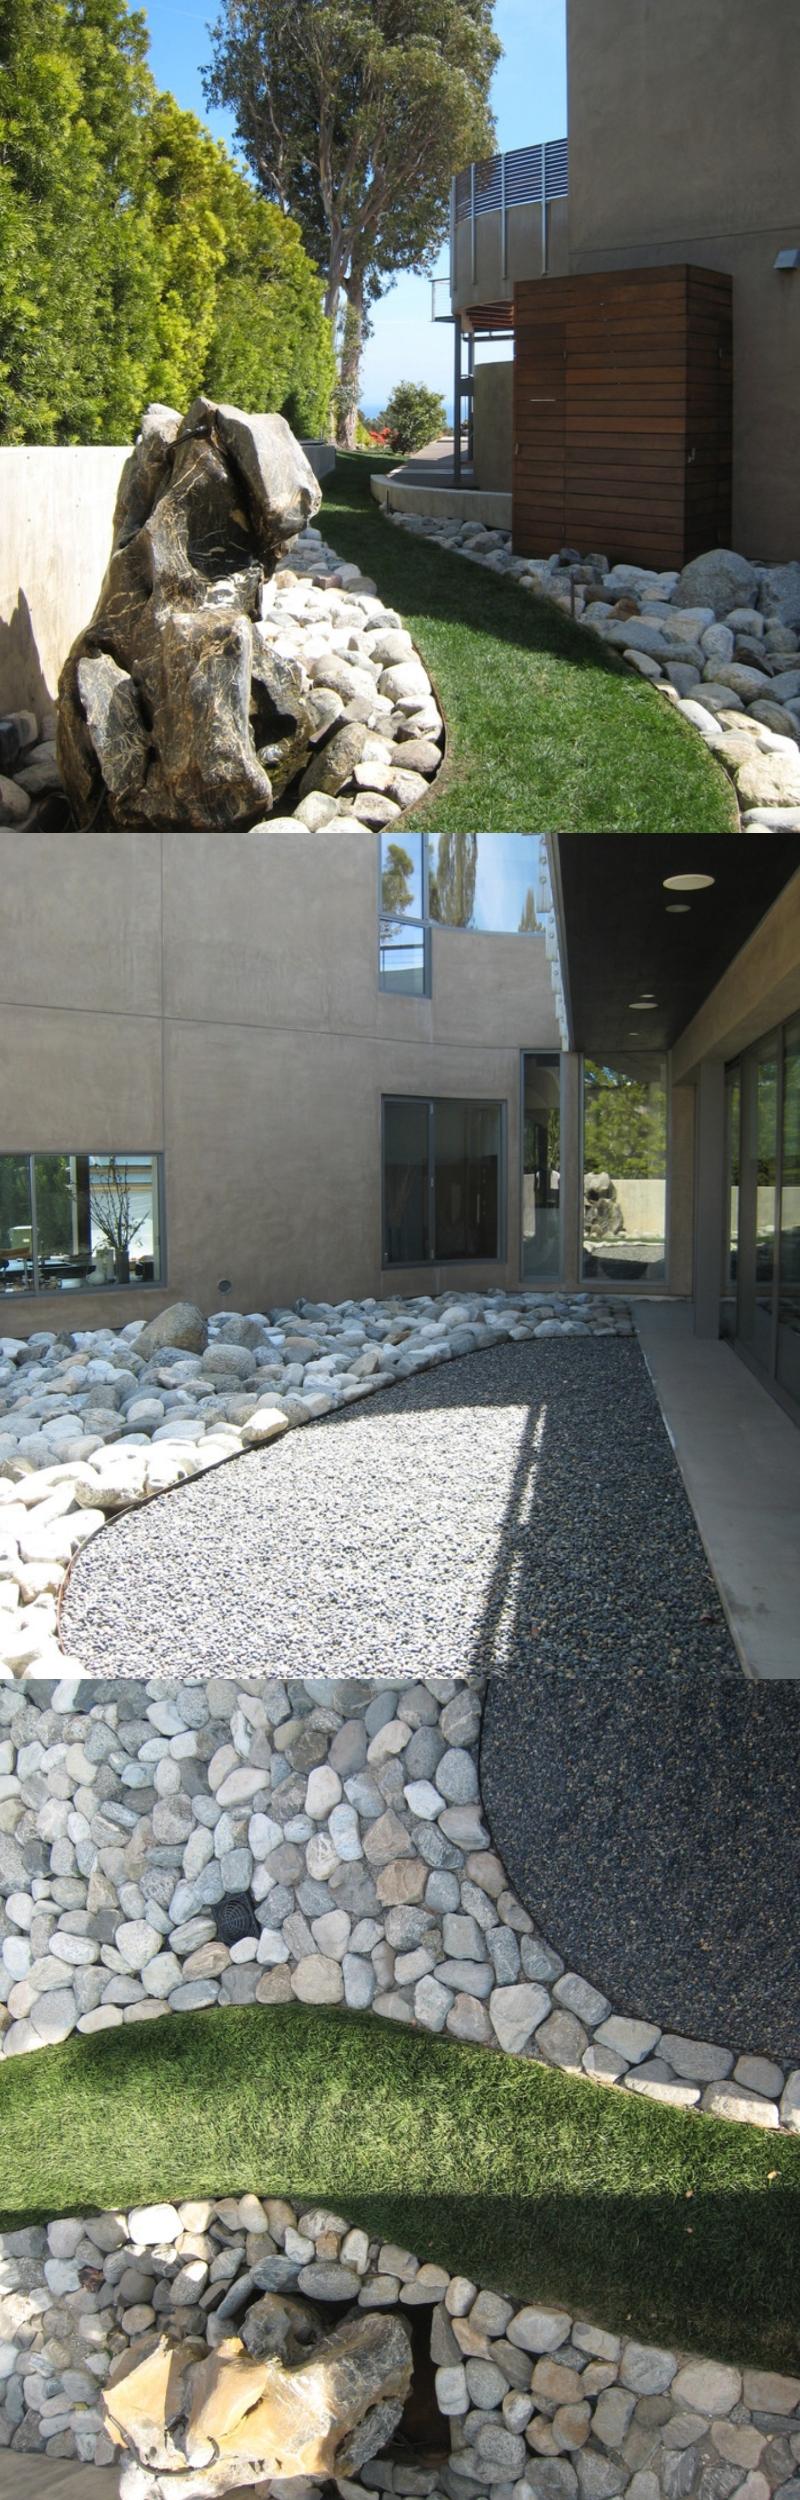 rock garden ideas for small spaces